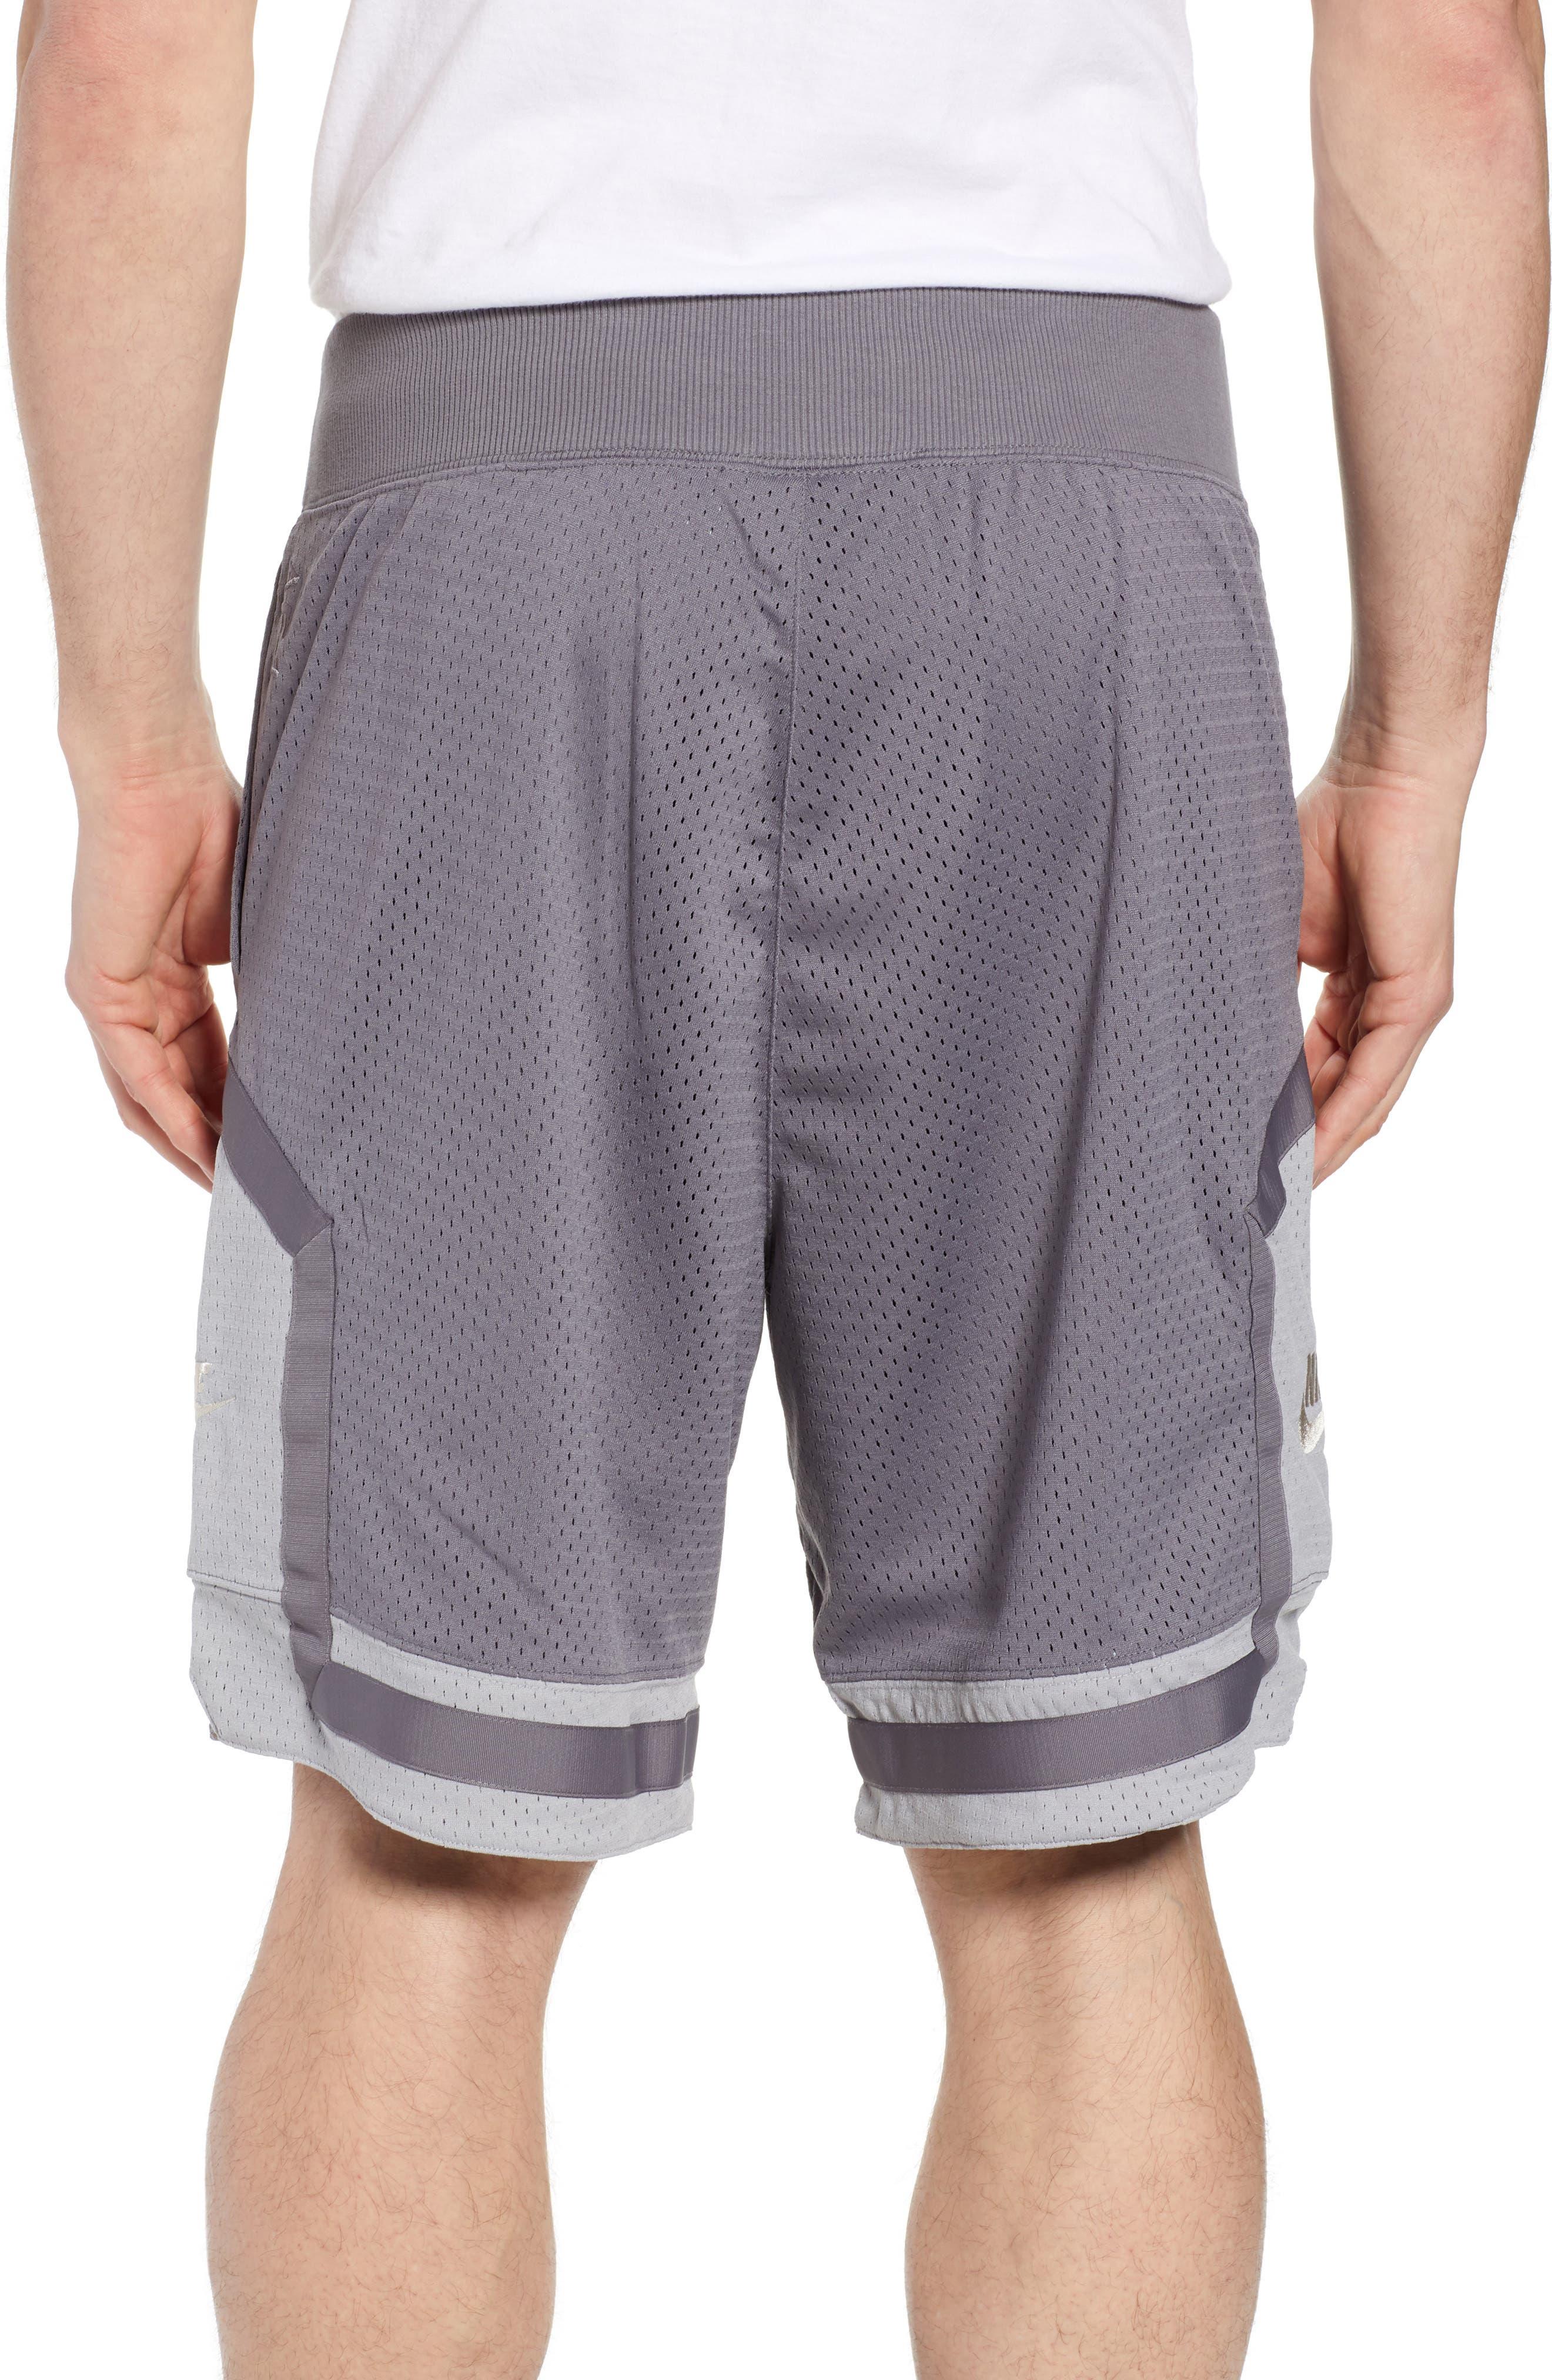 NSW AF1 Shorts,                             Alternate thumbnail 2, color,                             GUNSMOKE/ GREY/ OREWOOD